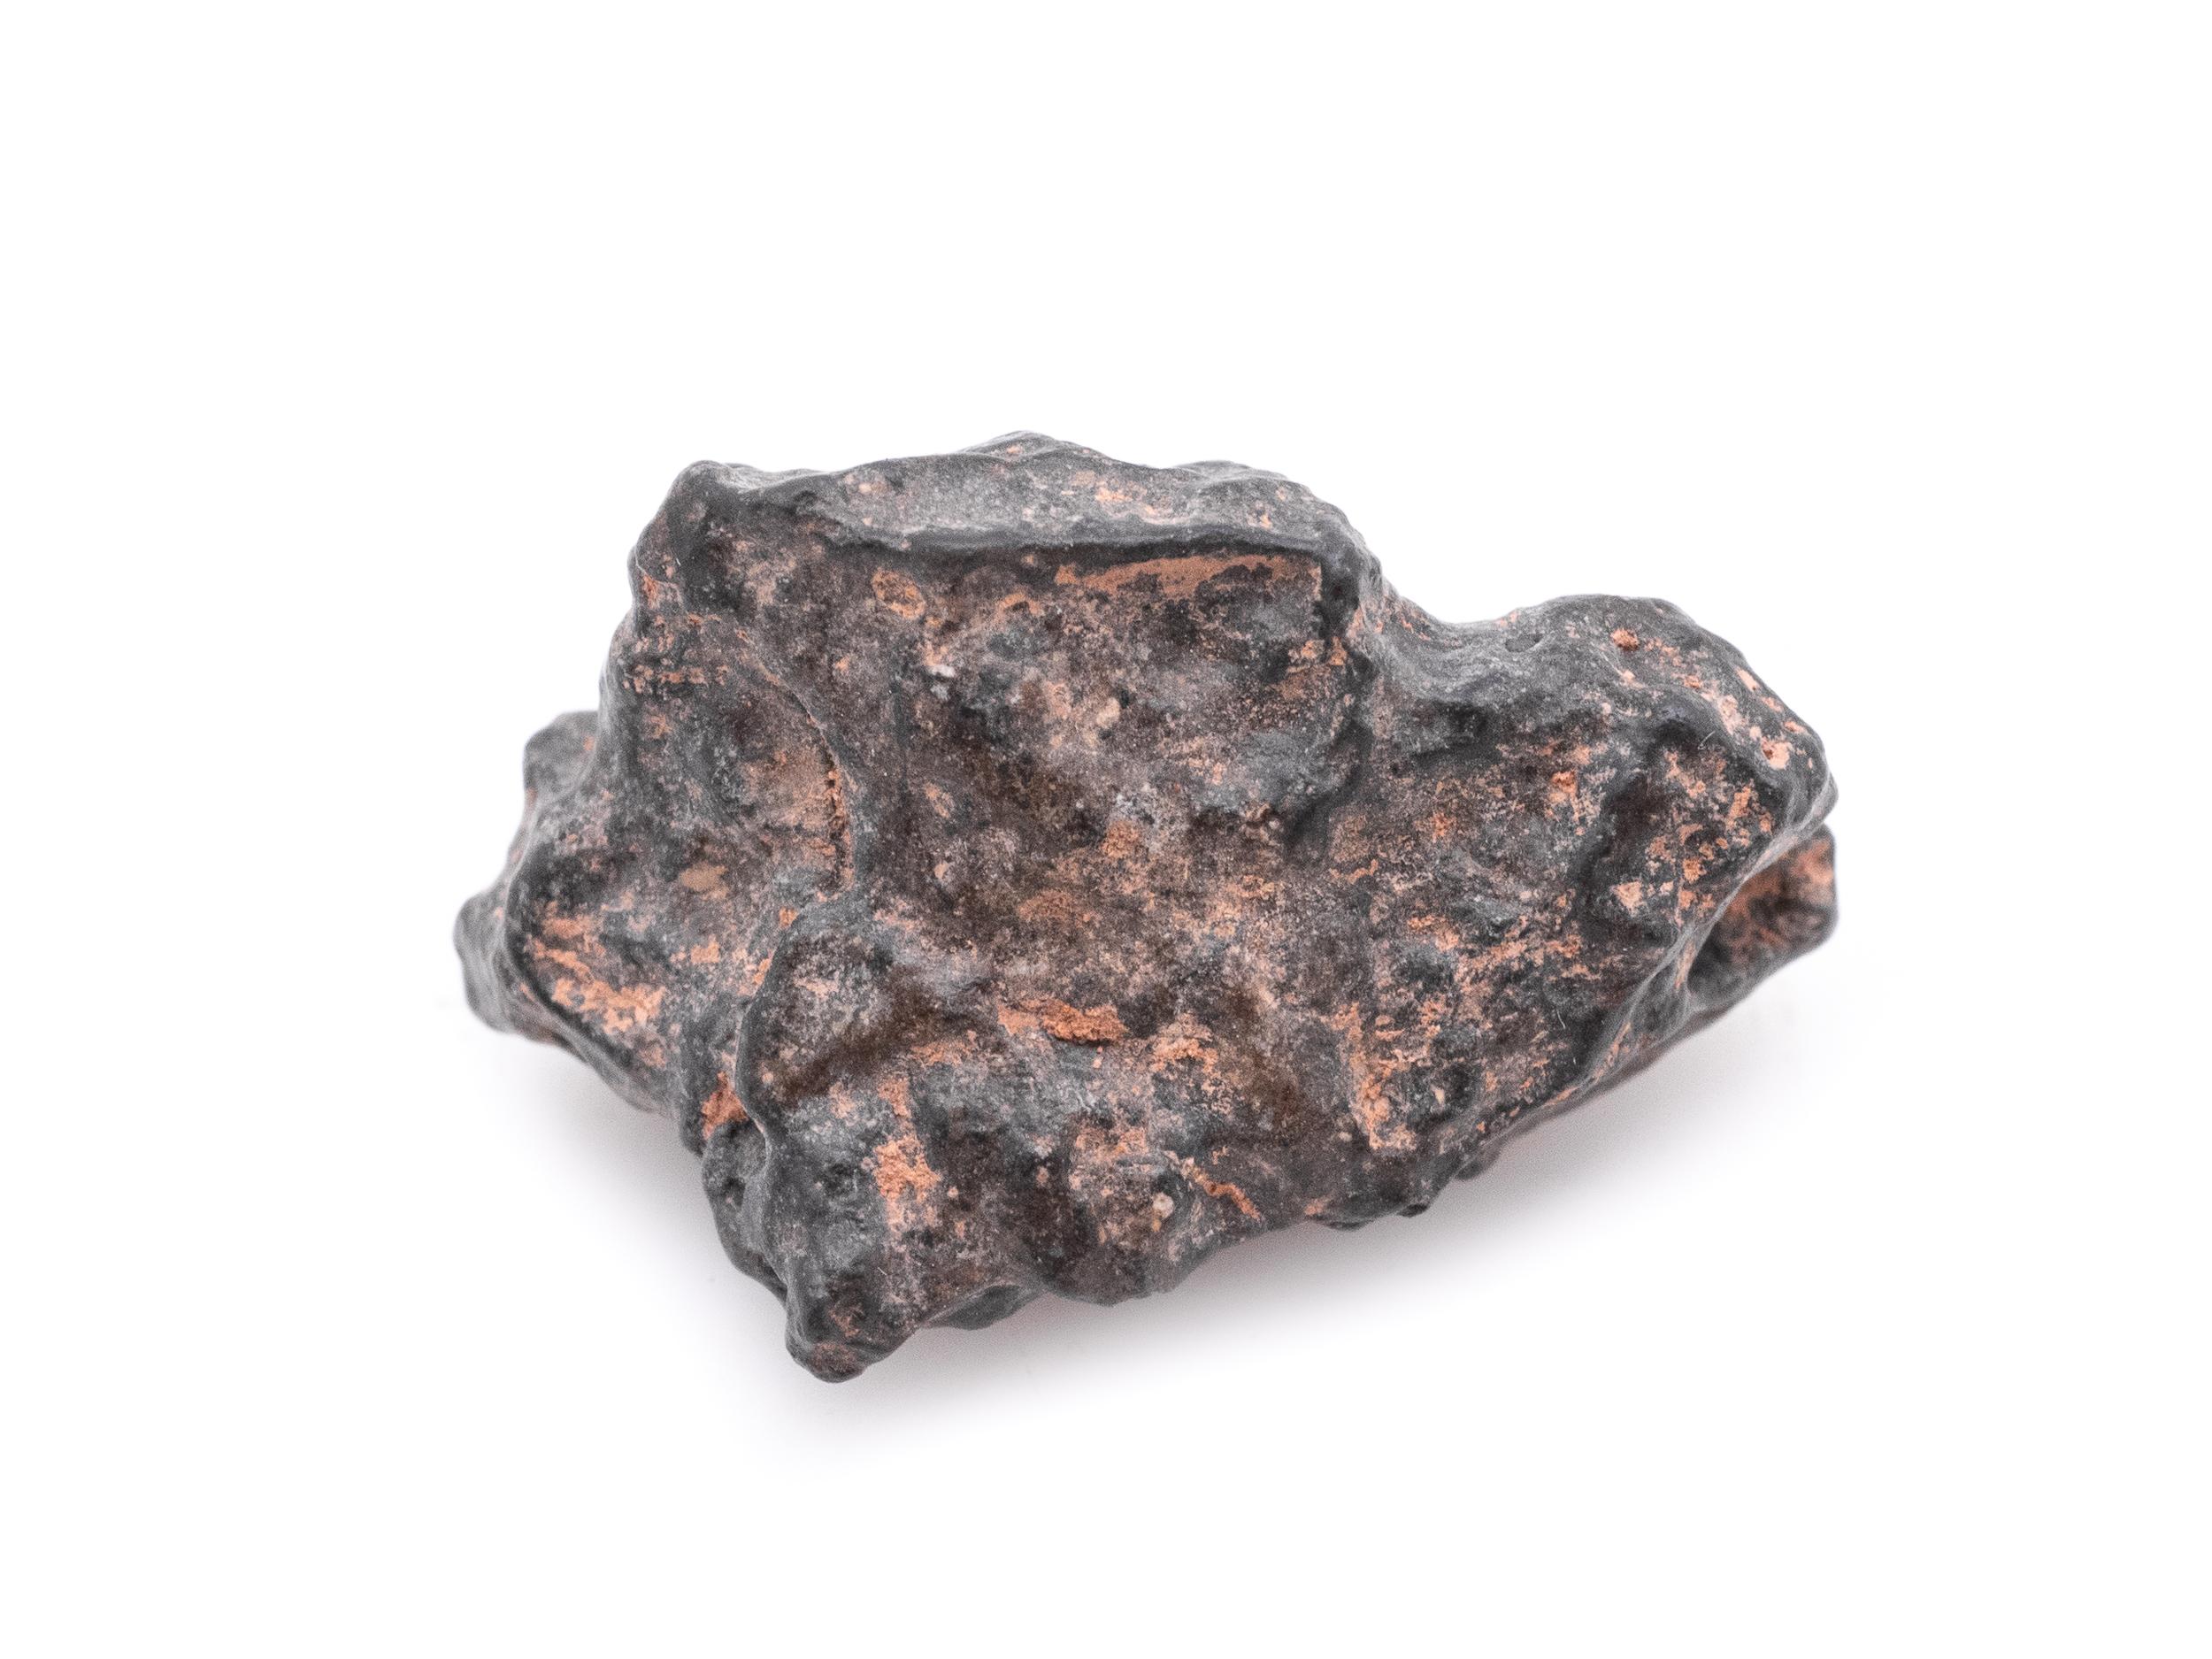 lunar meteorite 3 grams